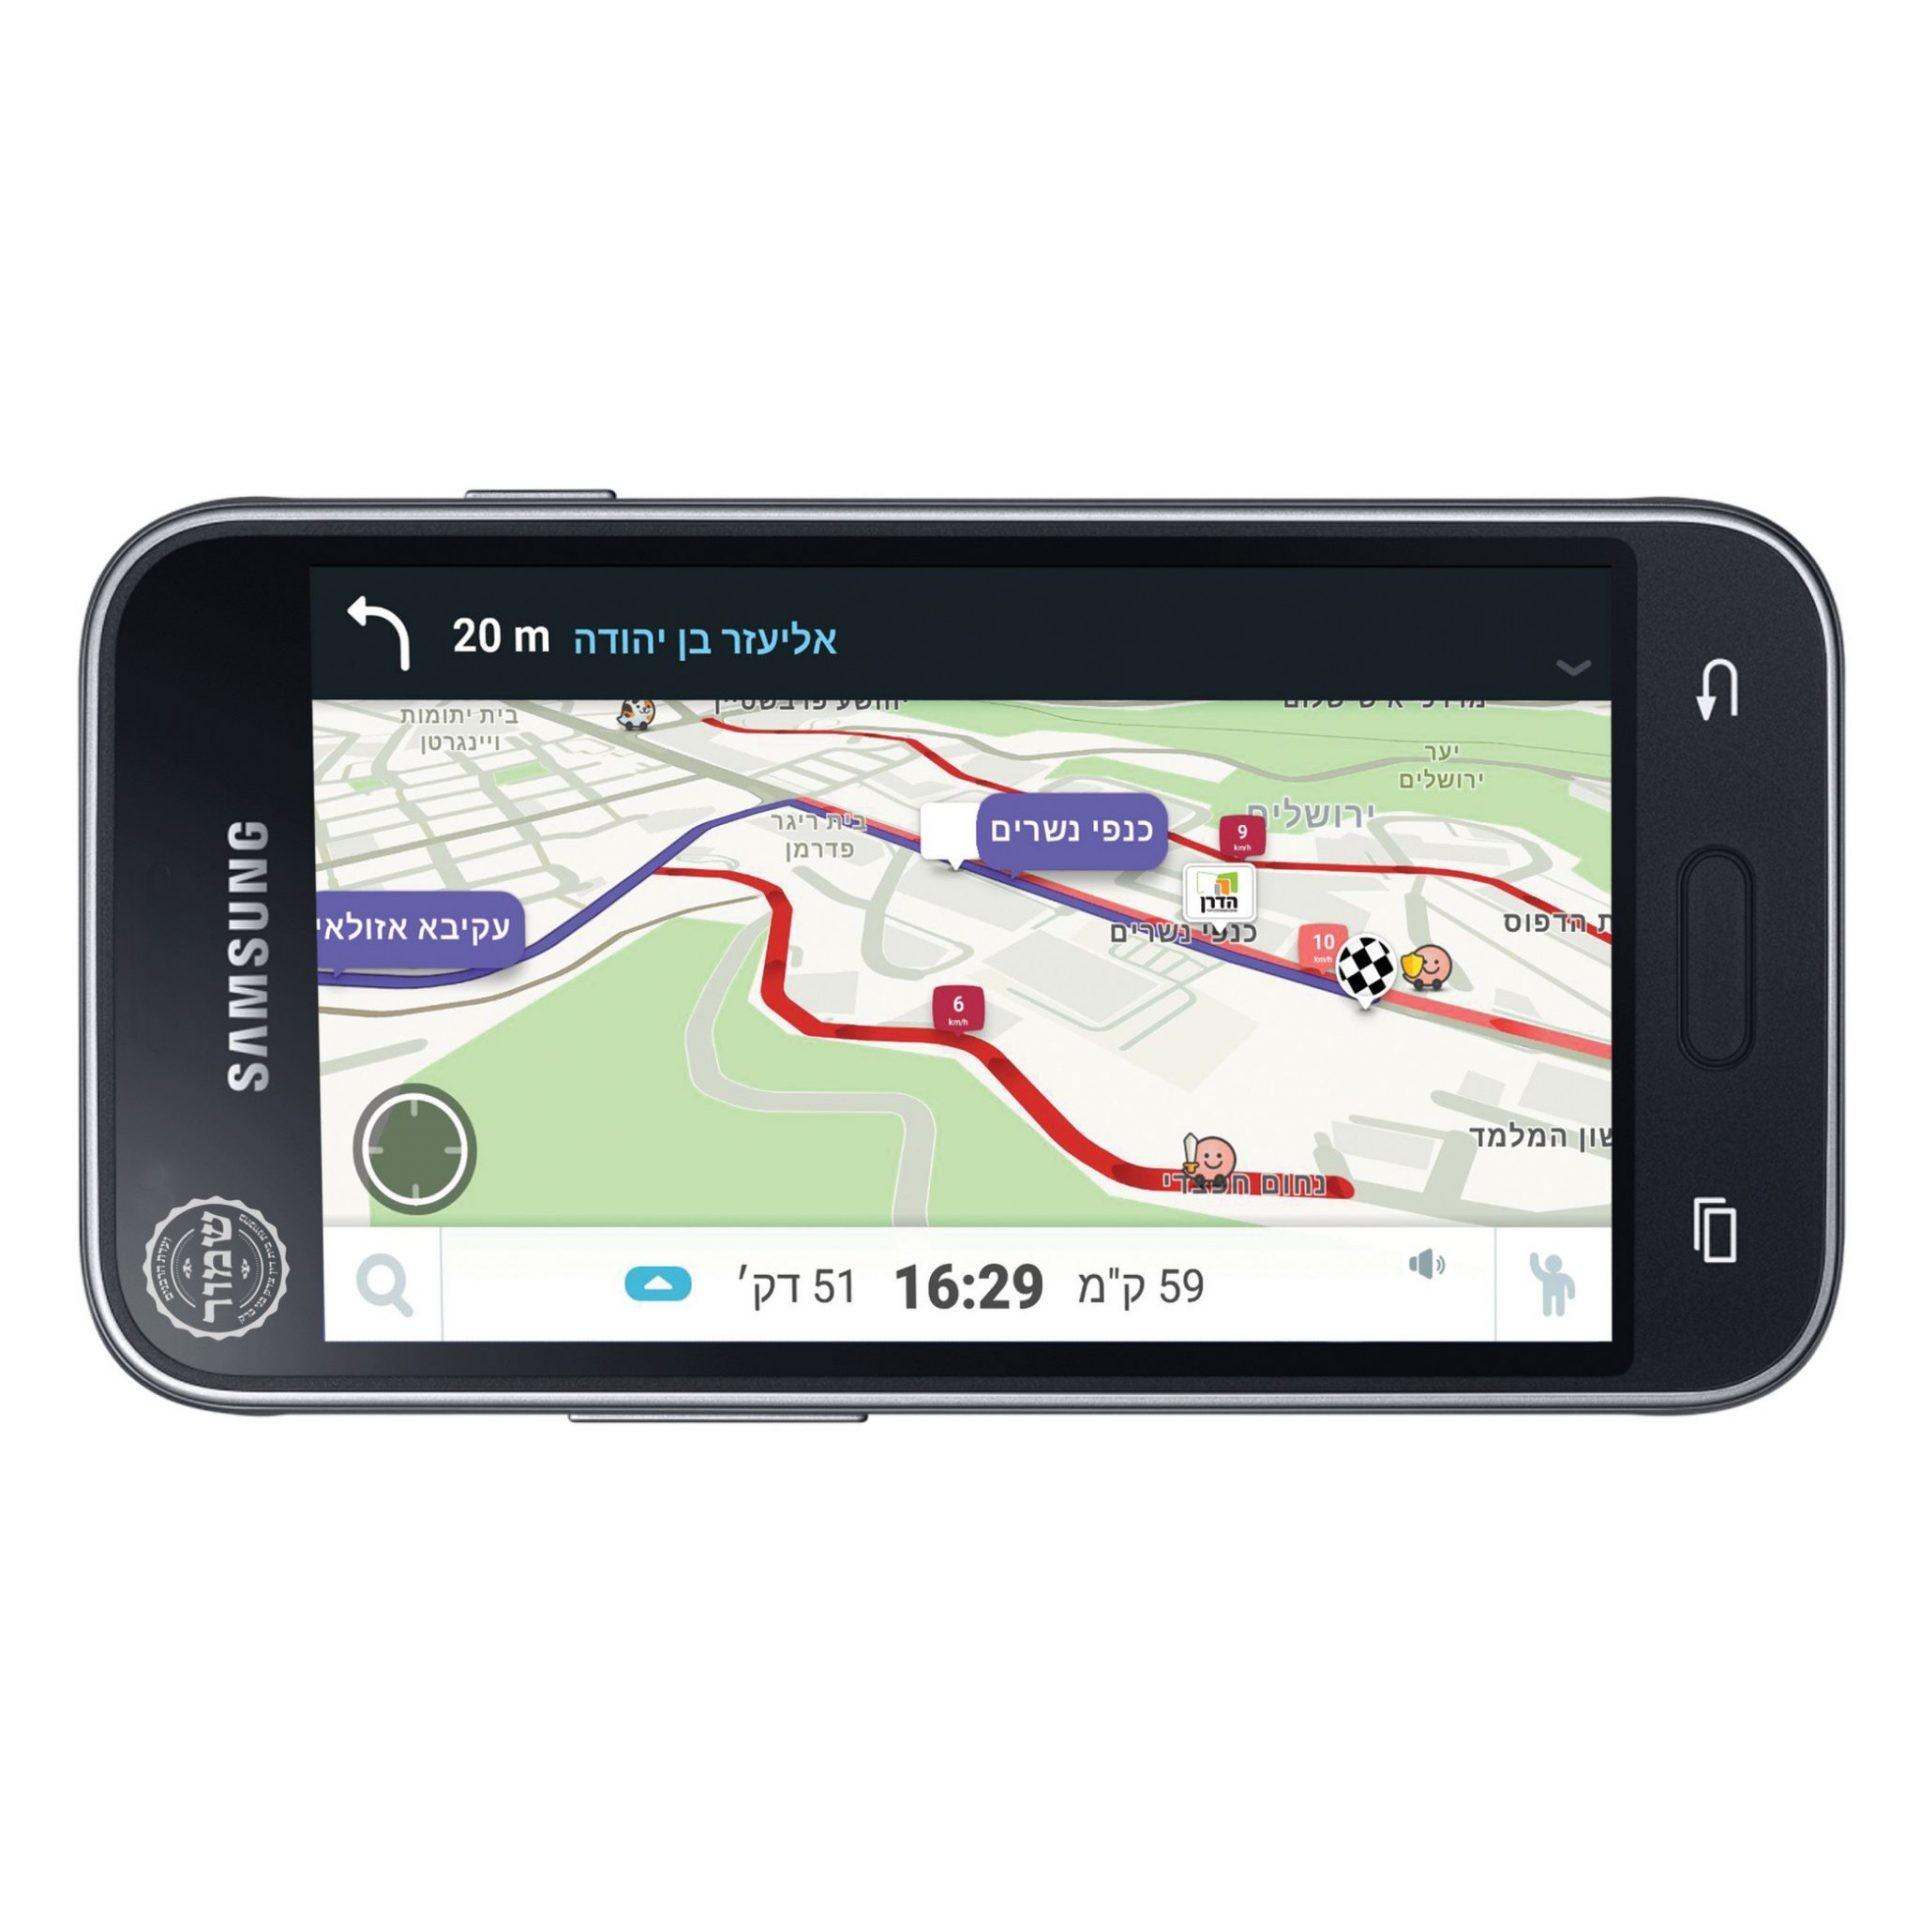 טלפון סלולרי כשר סמסונג J1 2016 עם מערכת הפעלה שוהם בהשגחת הרבנים